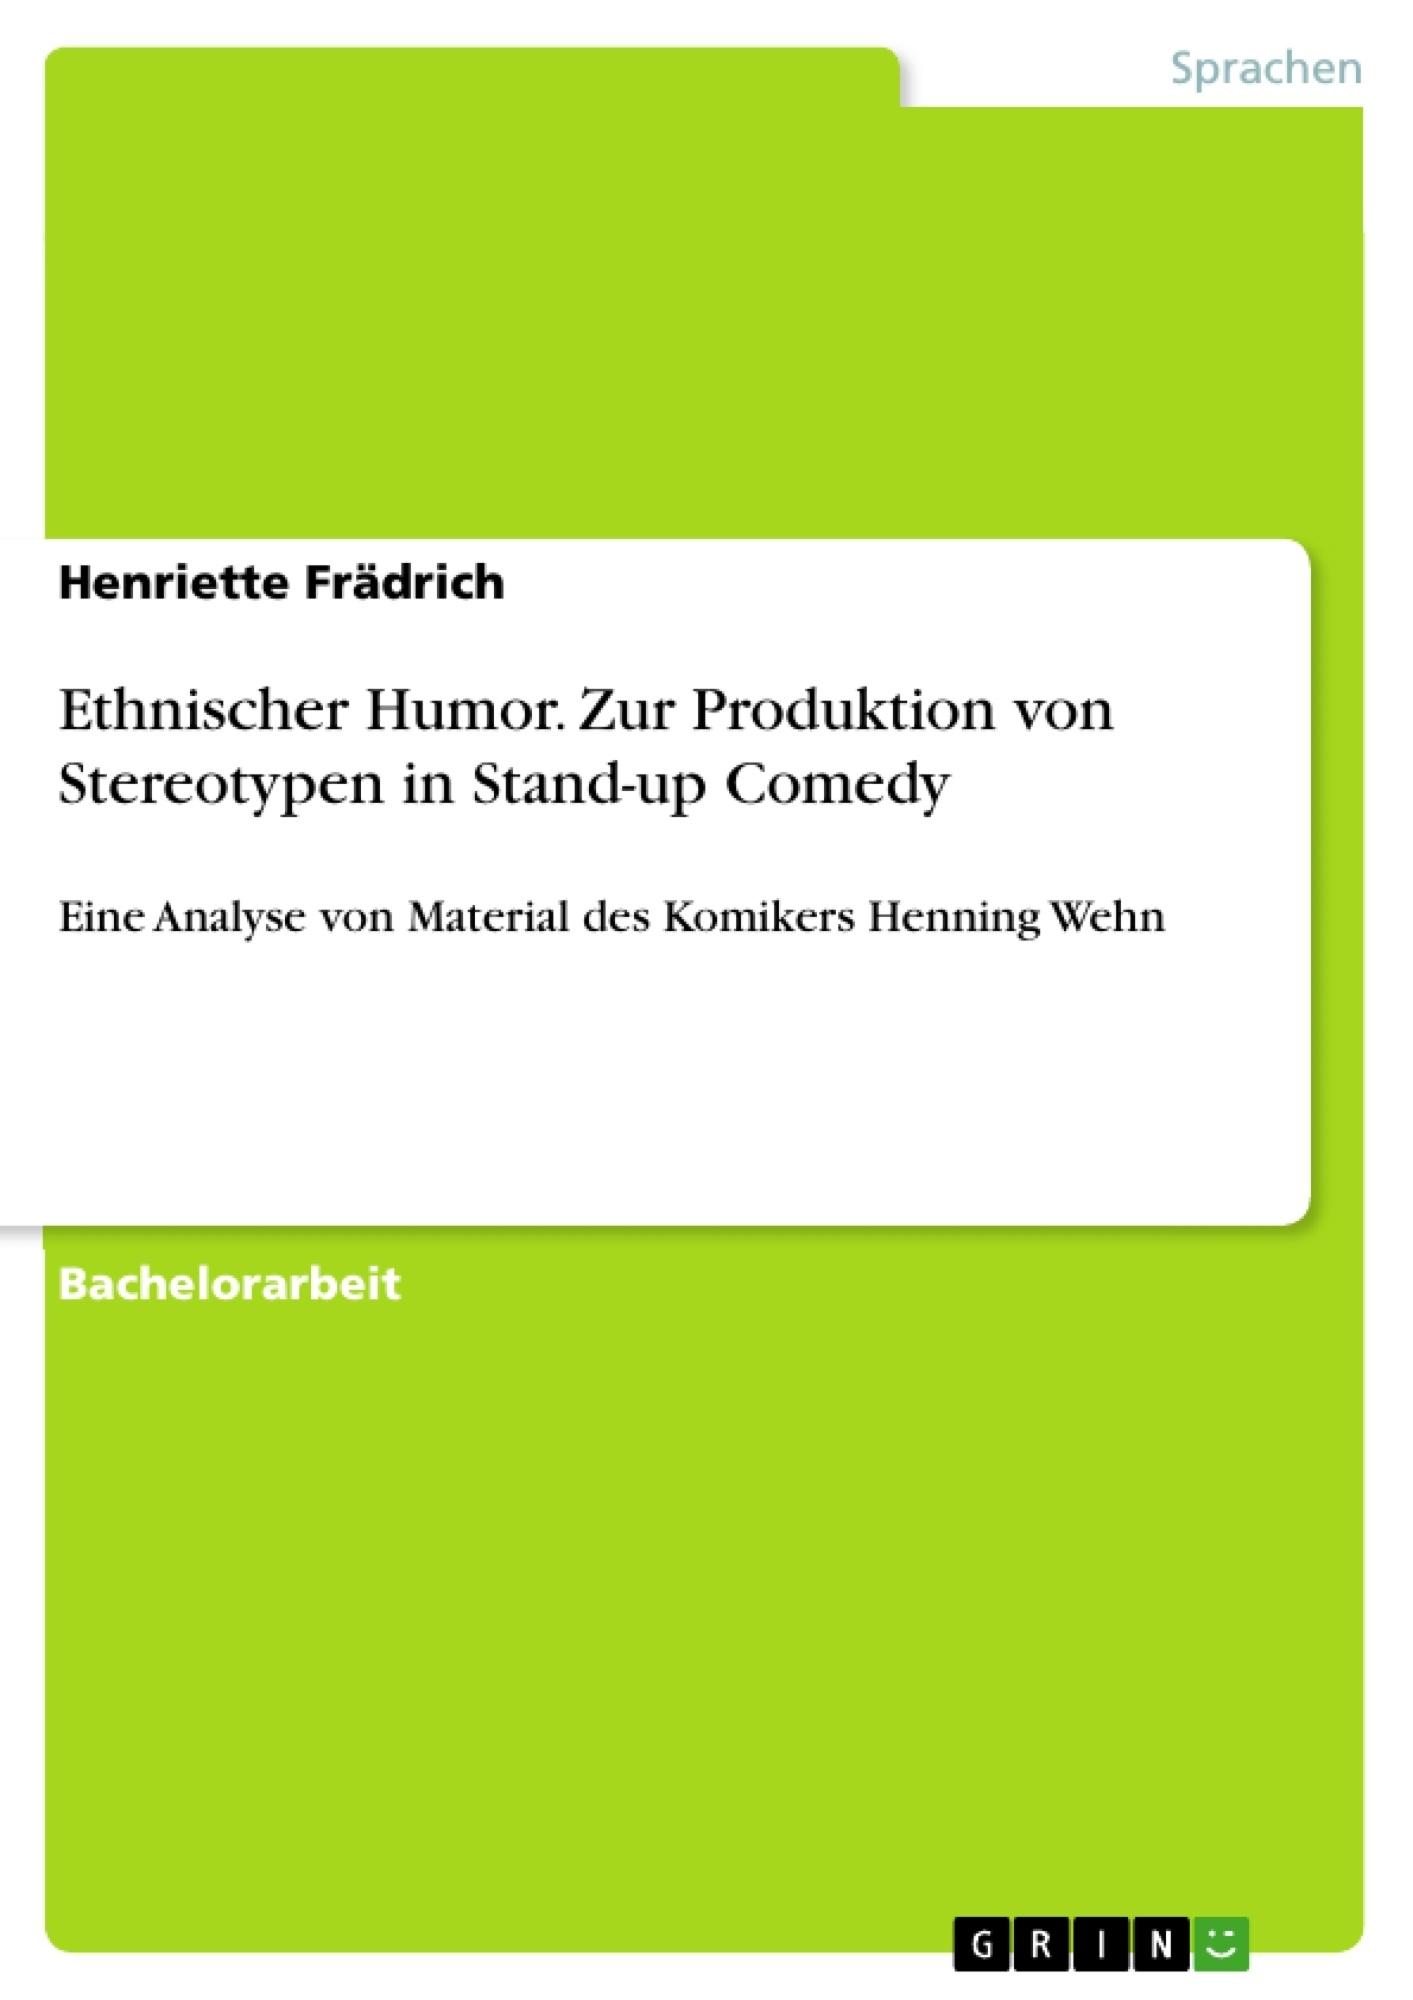 Titel: Ethnischer Humor. Zur Produktion von Stereotypen in Stand-up Comedy